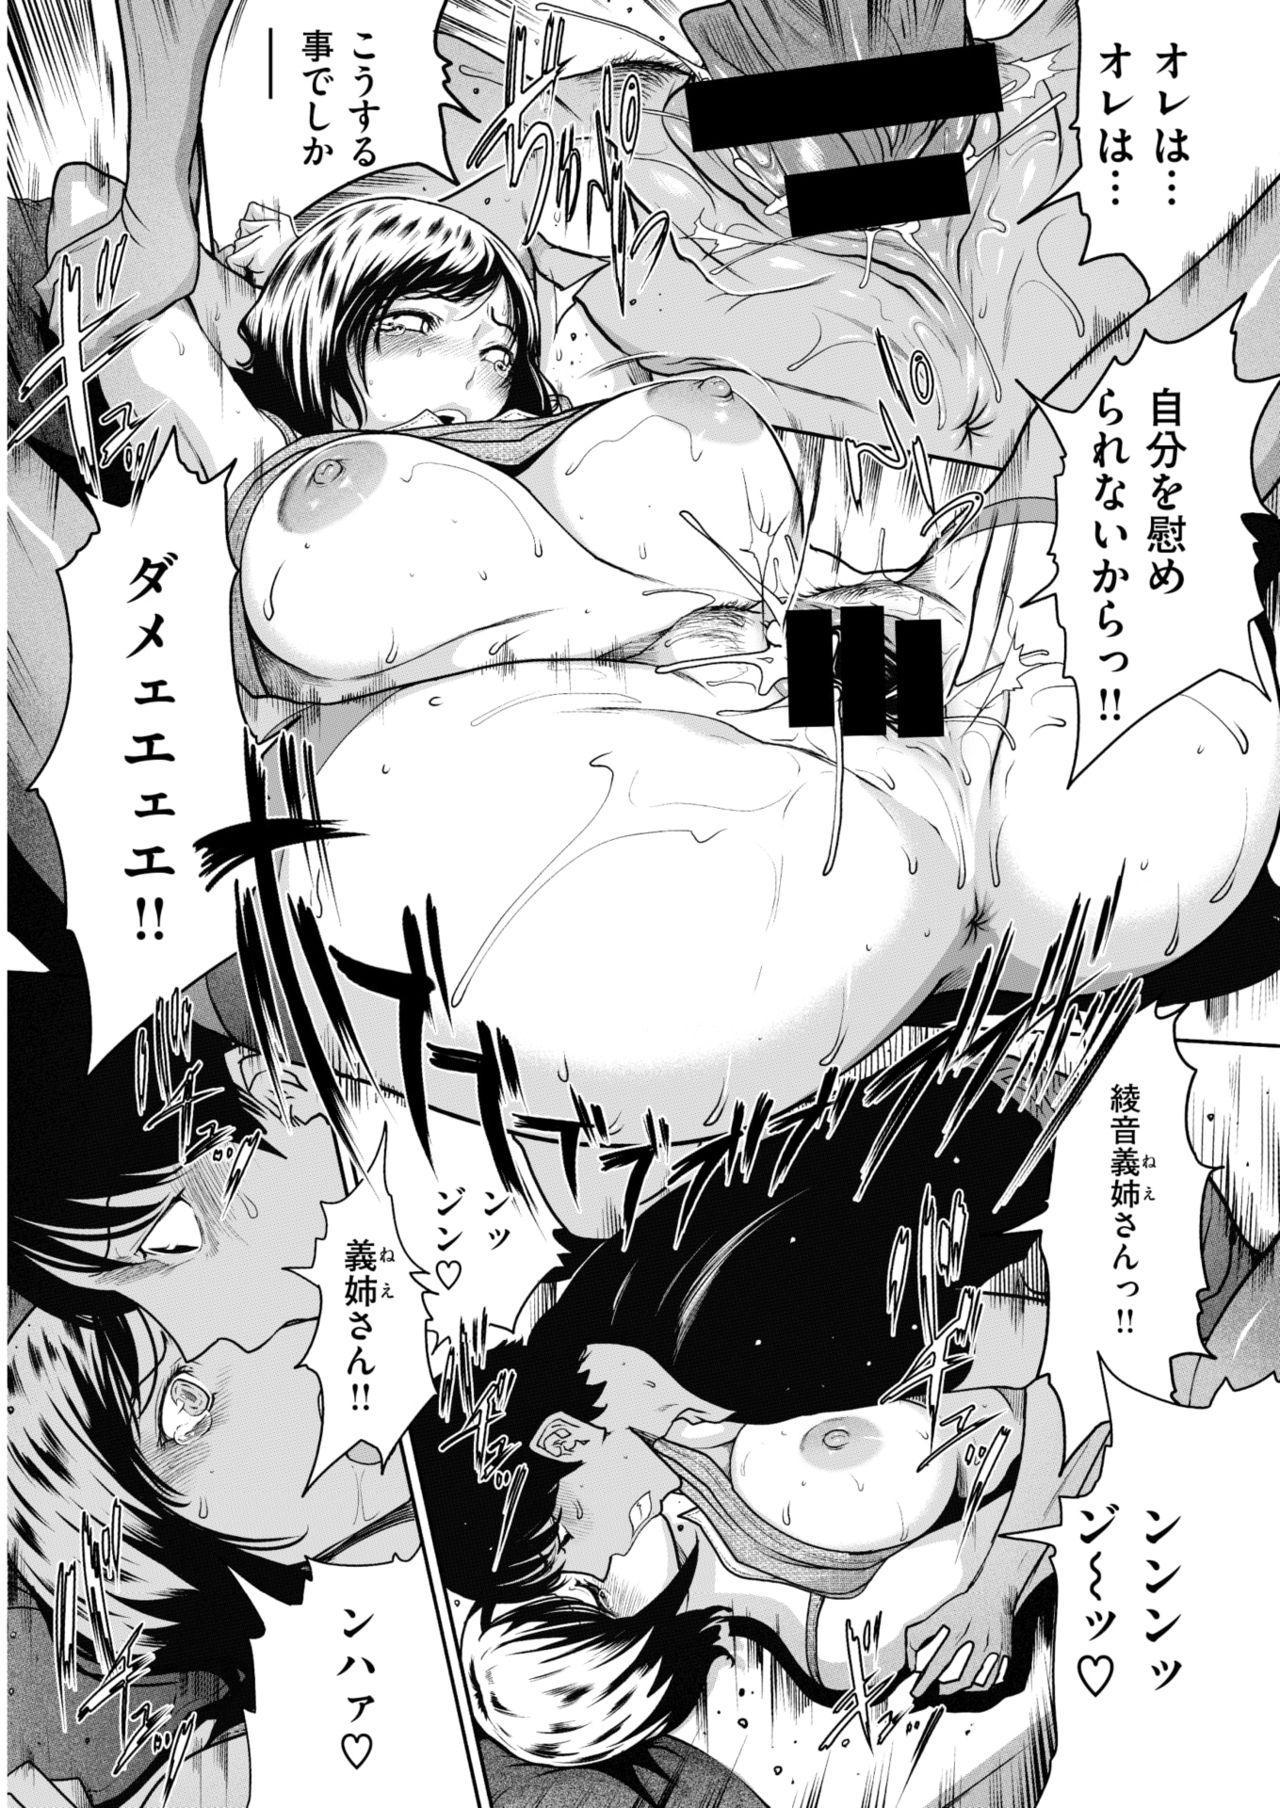 COMIC Kairakuten 25 Shuunen kinen tokubetsugou 301